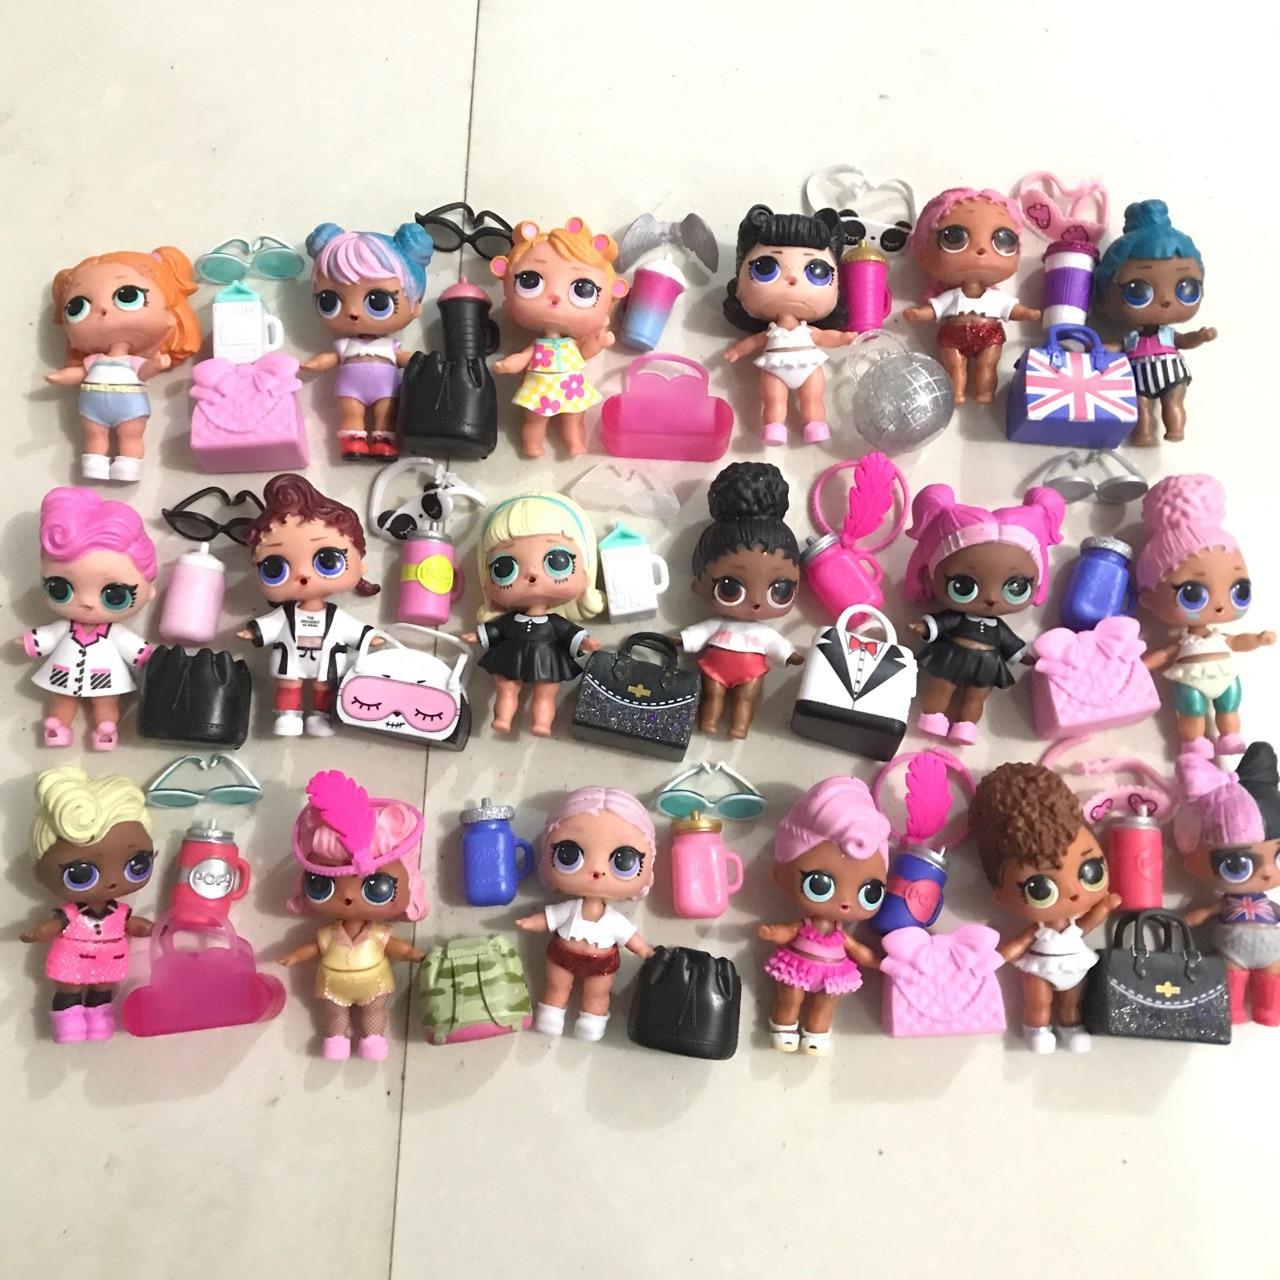 Original LOL Dolls Surprise Bulk Goods Full Set Of Surprise Dolls + Bags Contains Clothes Shoes Bottles Headdresses Bags